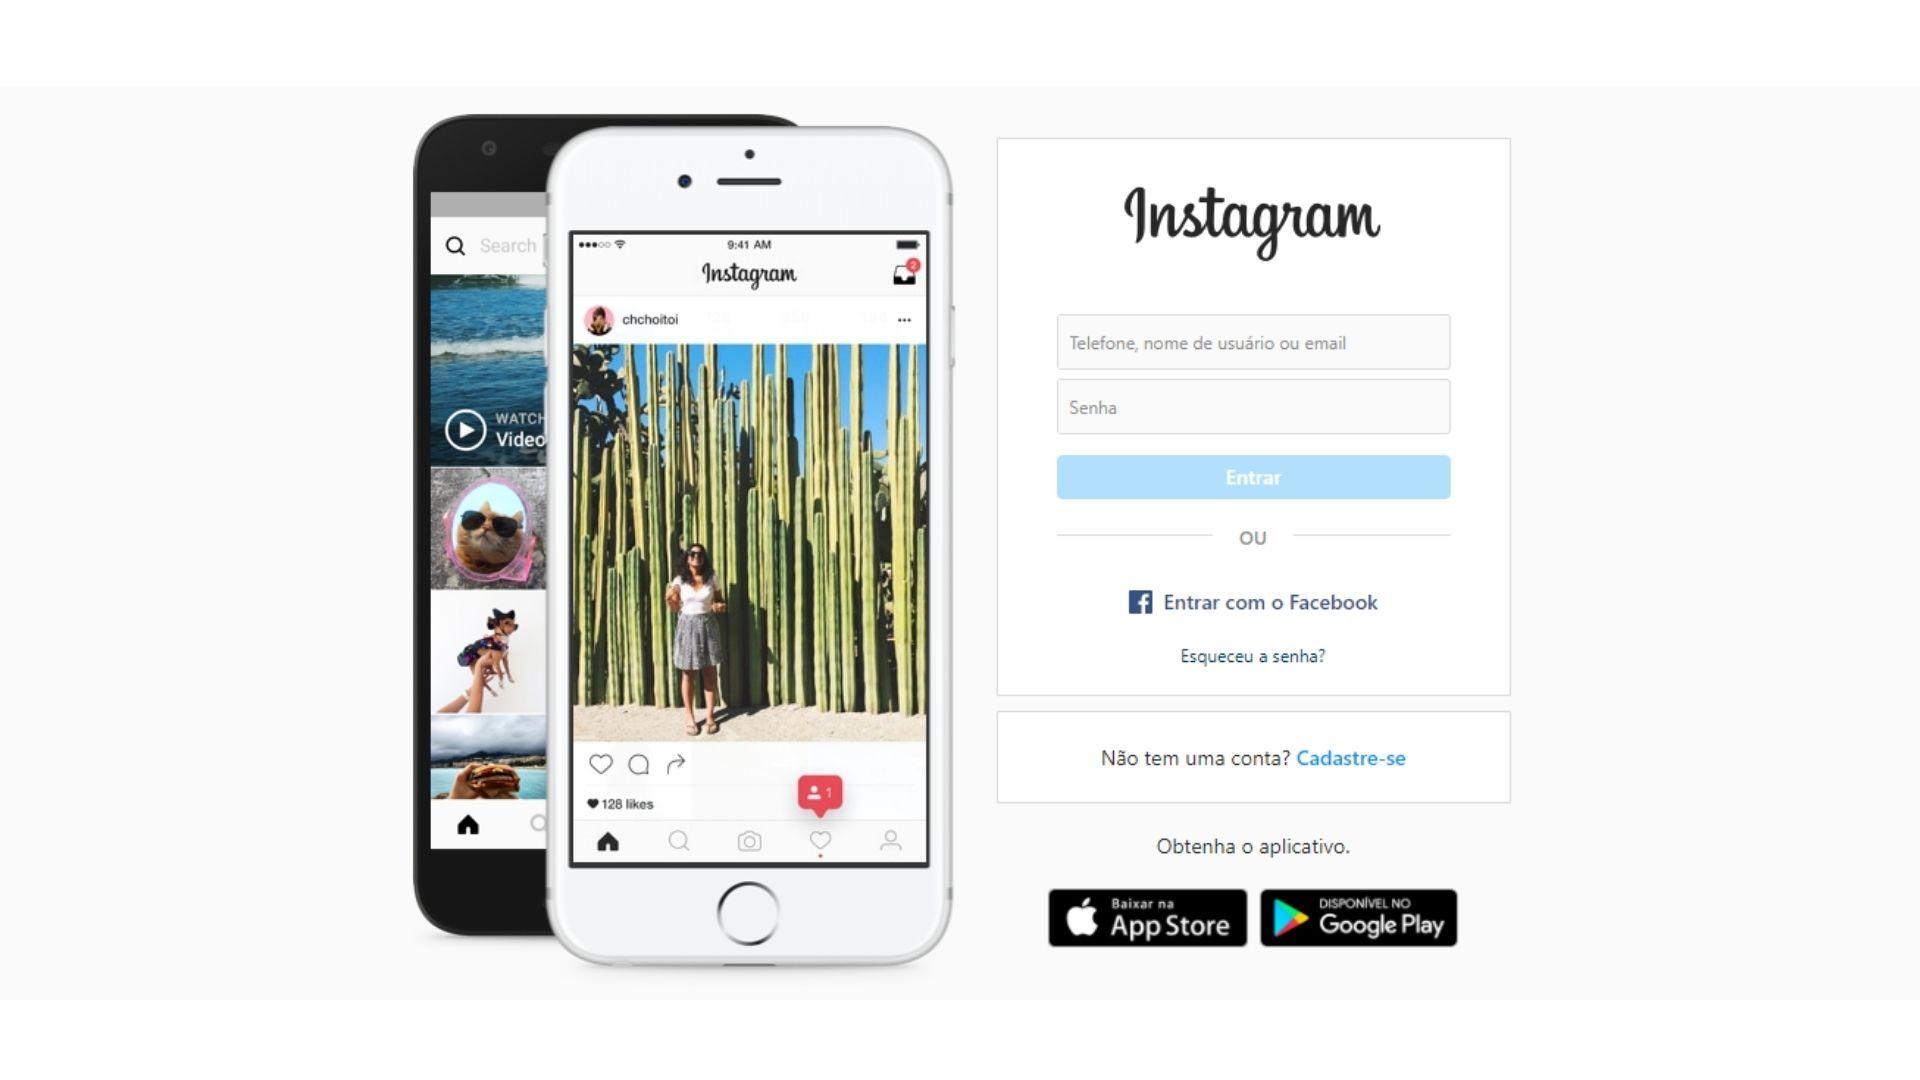 Tela inicial do Instagram Web